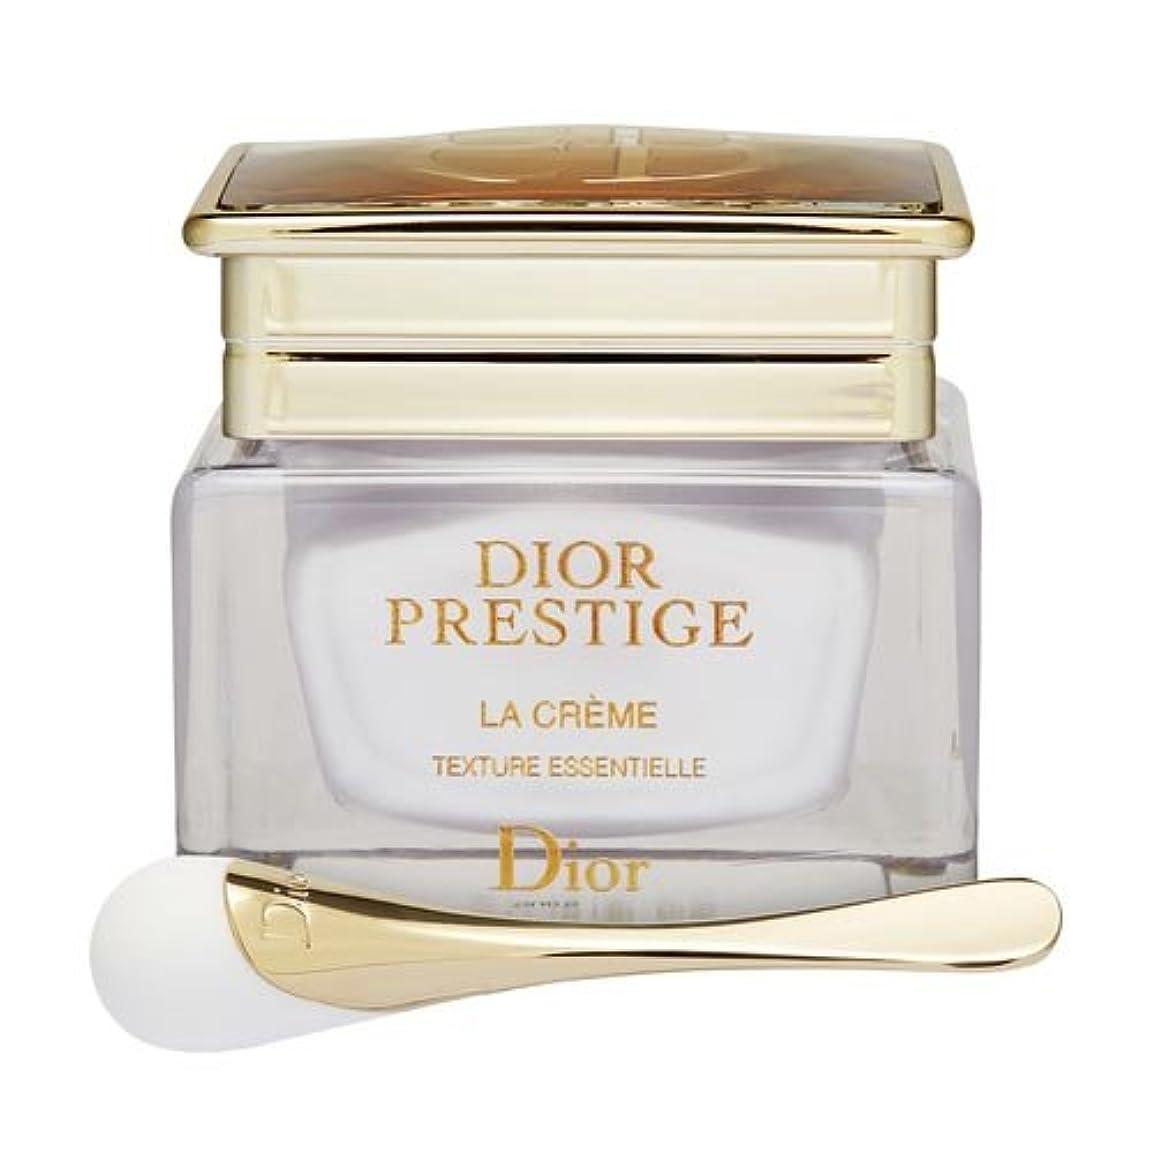 終わった家具本物のディオール(Dior) プレステージ ラ クレーム 50ml[並行輸入品]